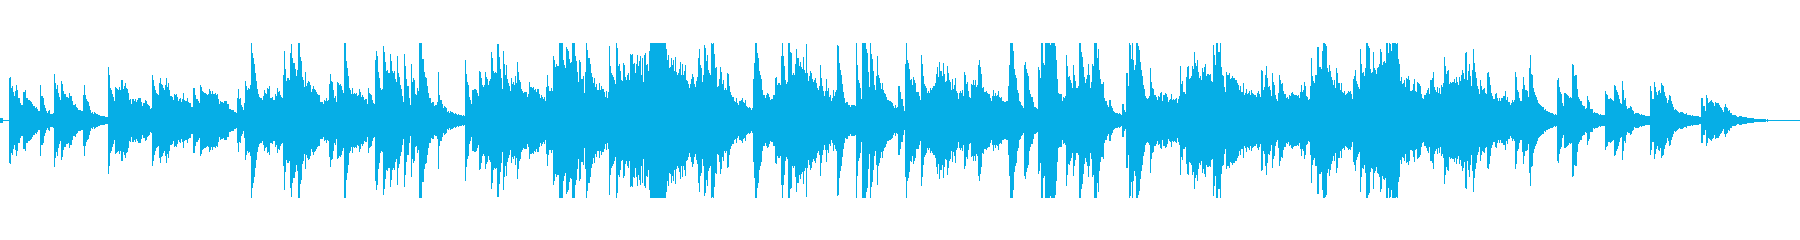 ピアノ、弦楽器、オーボエ、ベル、ハ...の再生済みの波形